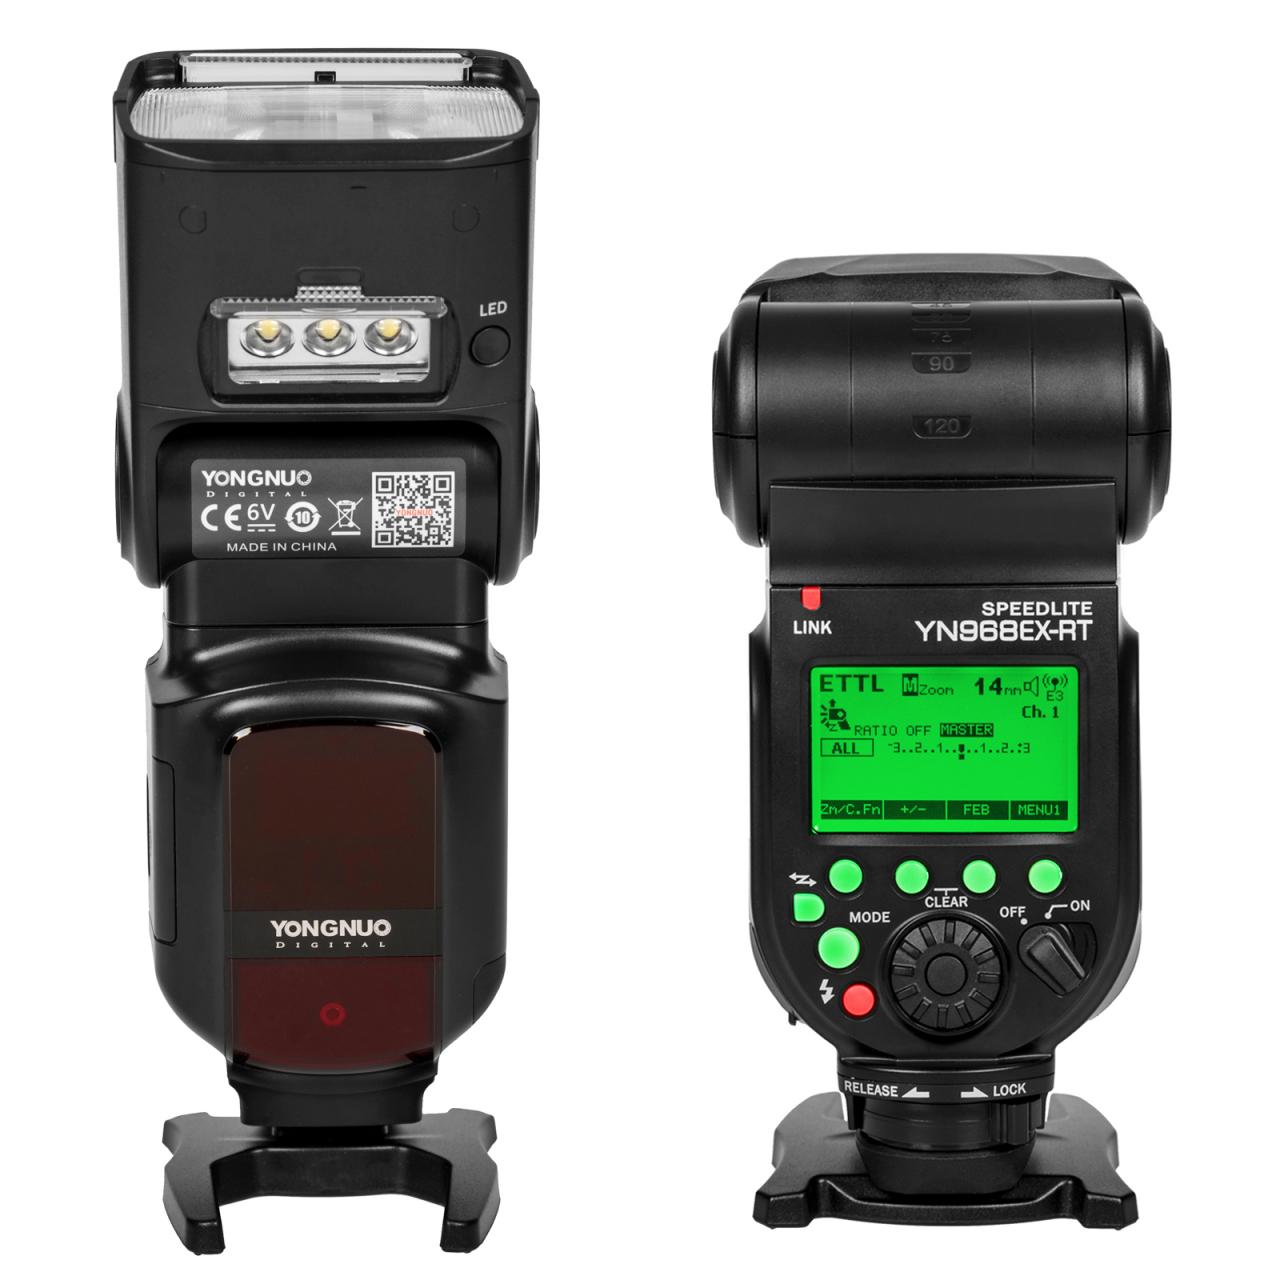 Externí systémový blesk s LED přisvícením YONGNUO YN968EX-RT Canon, GN60